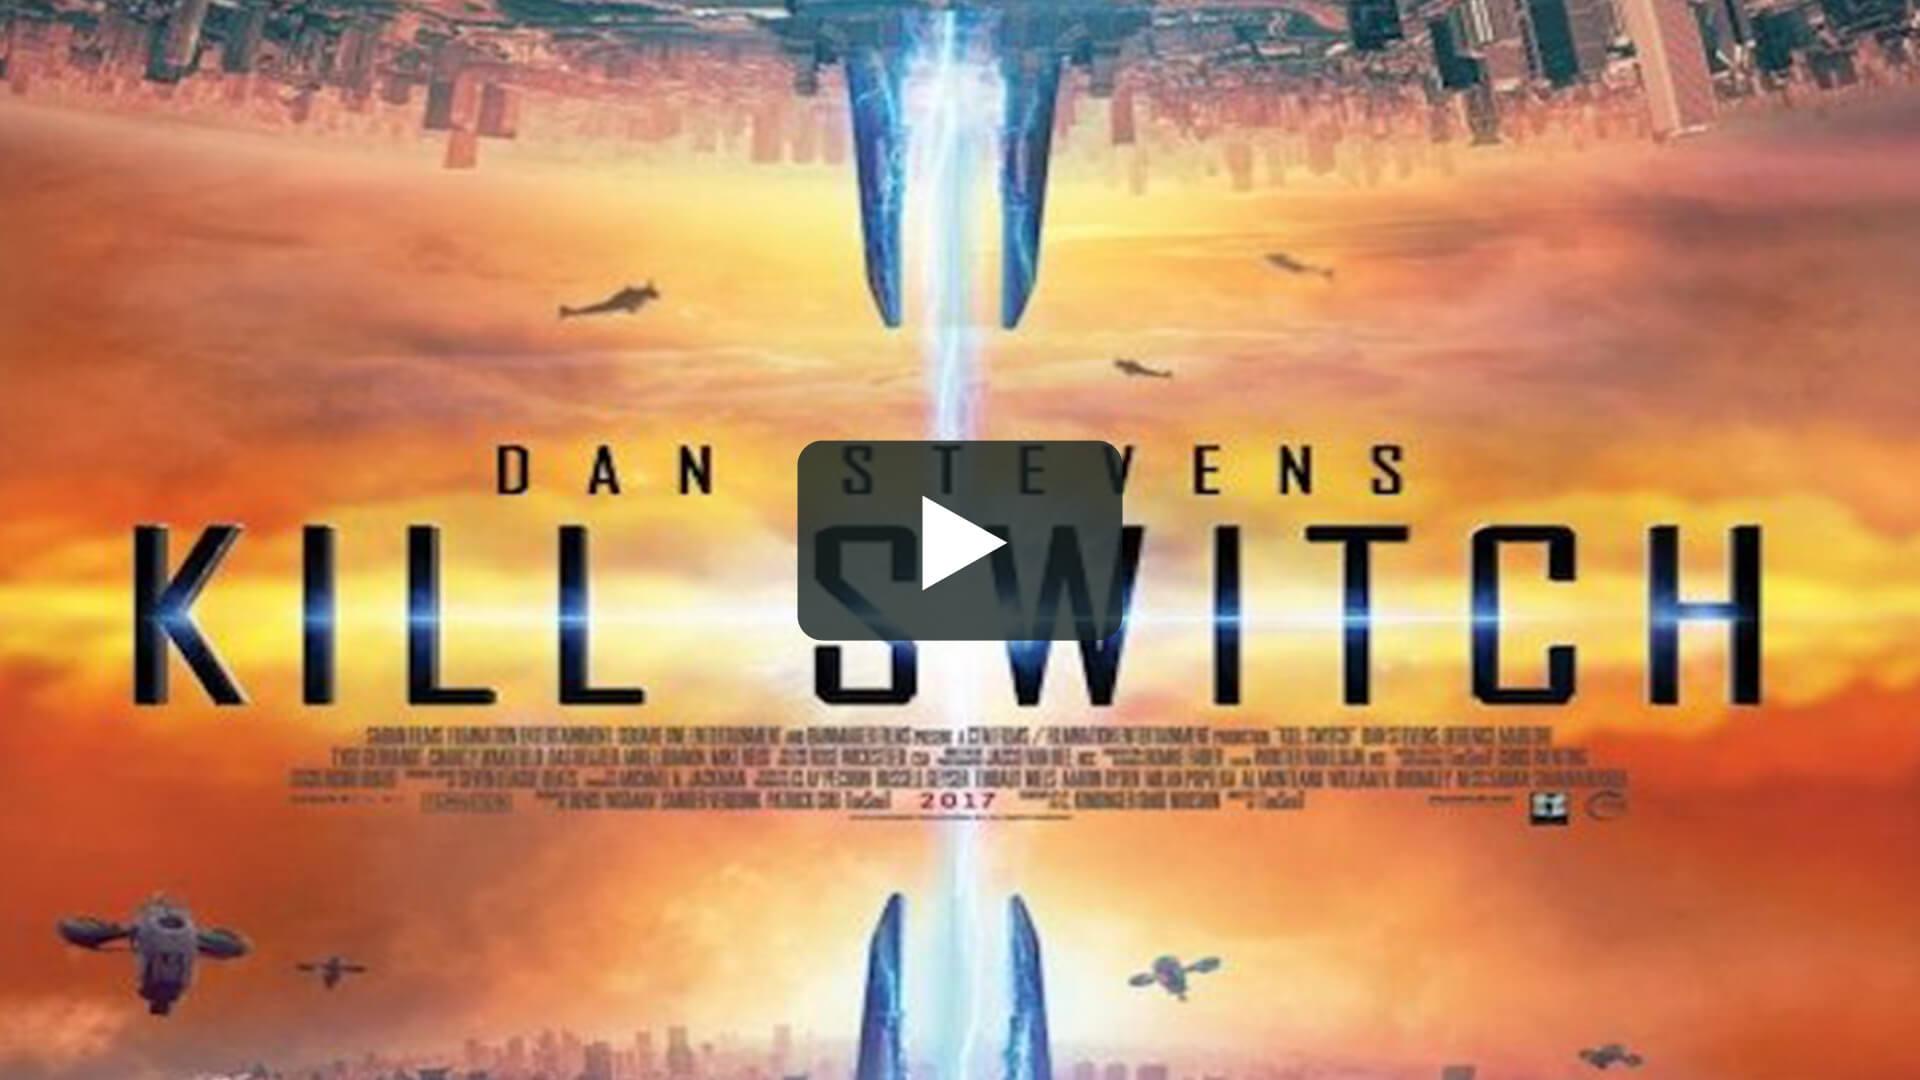 Kill Switch - 末日重啟